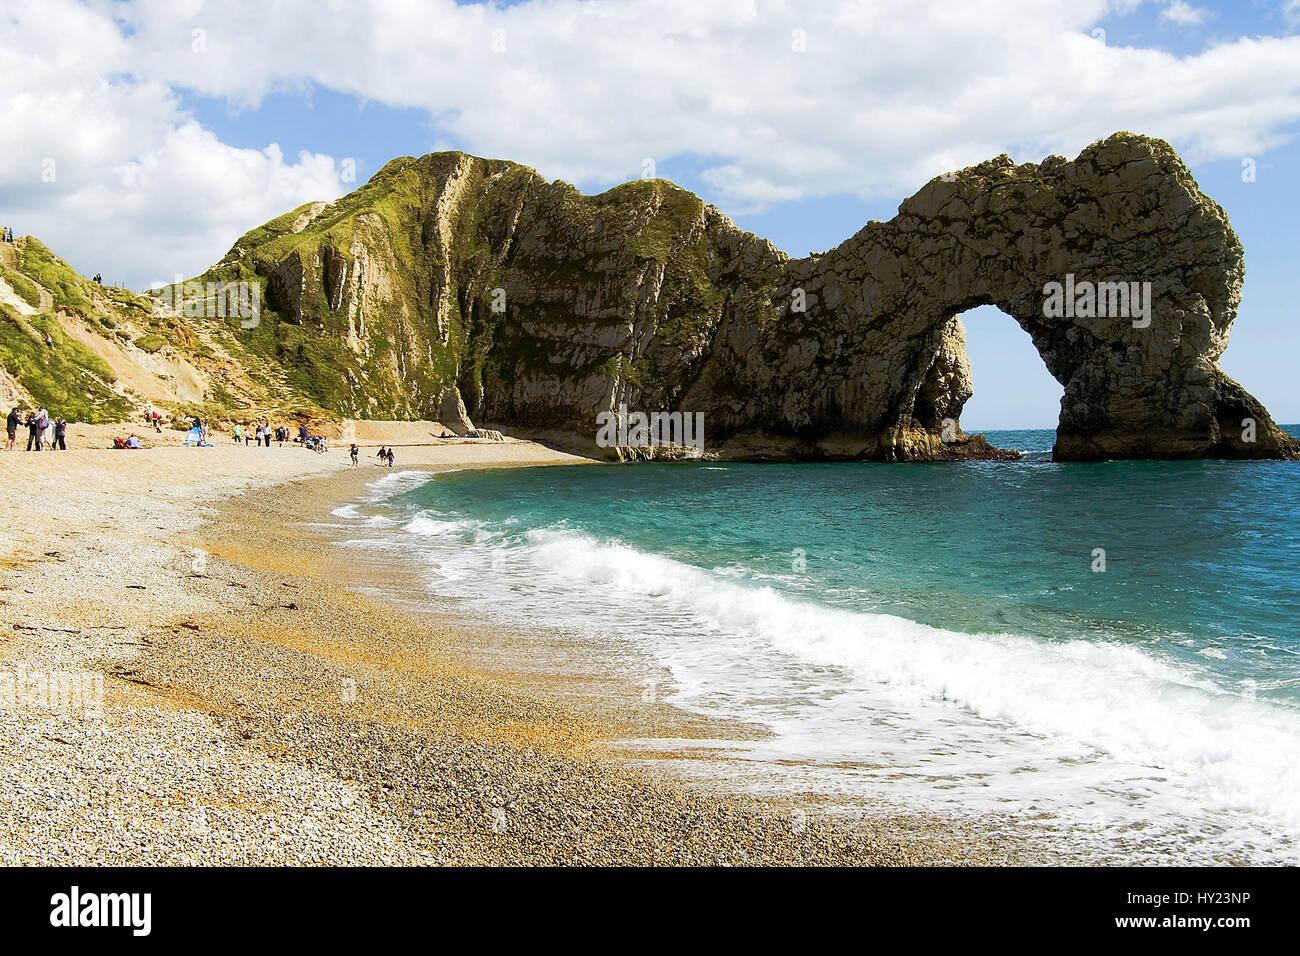 Der Strand am Durdle Door, ein natürlicher Felsbogen aus Kalkstein an der Jurassic Coast der zahlreiche - Stock Image